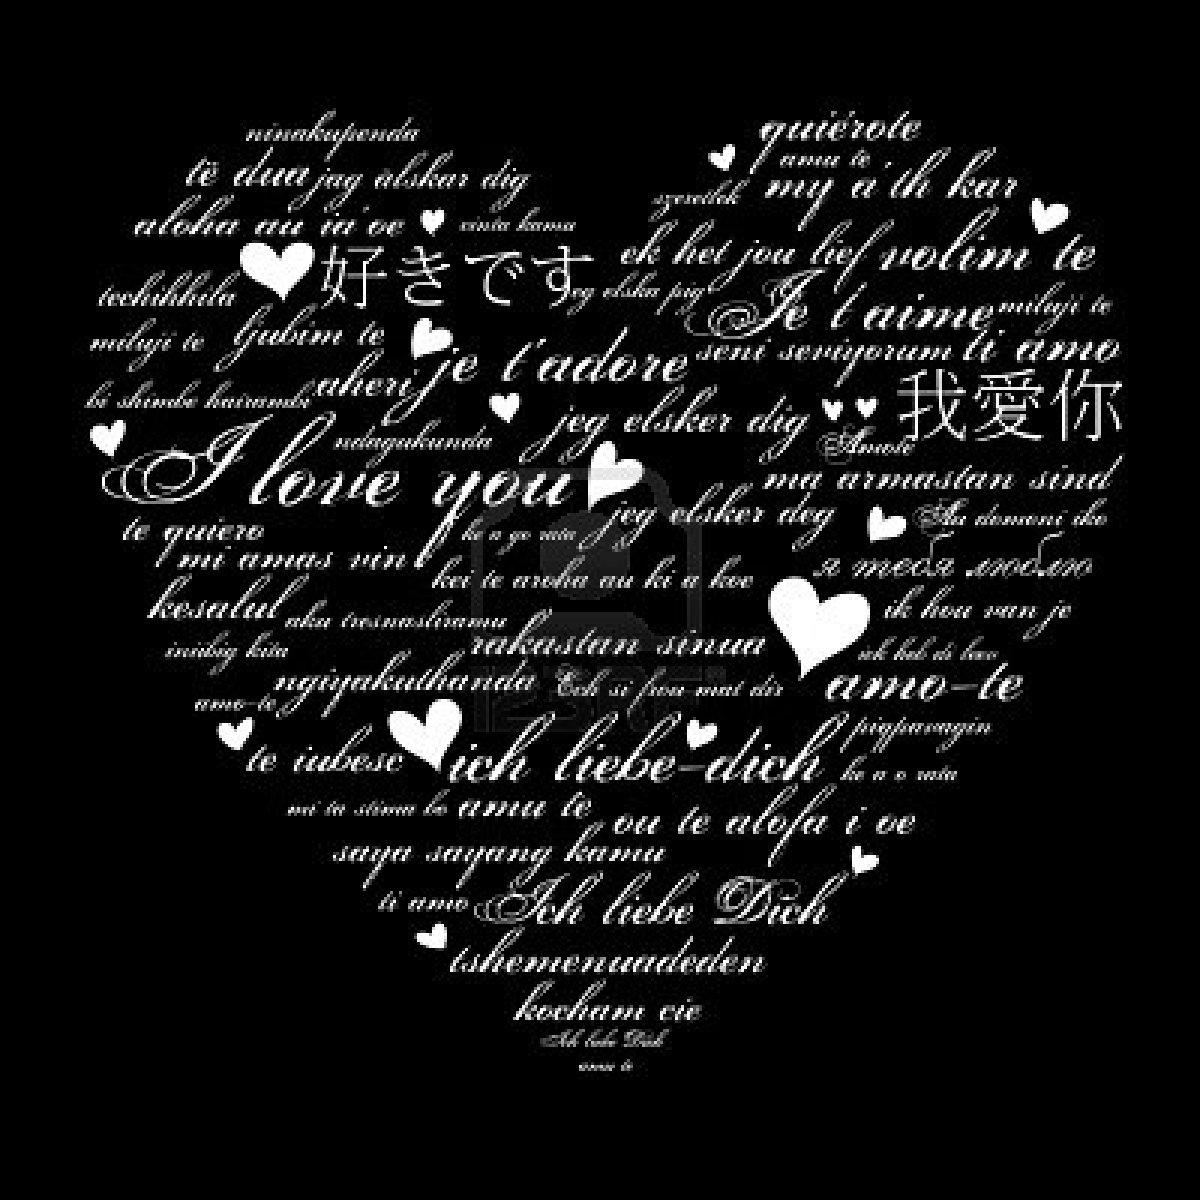 Картинка со словами я люблю тебя на всех языках мира, большие для